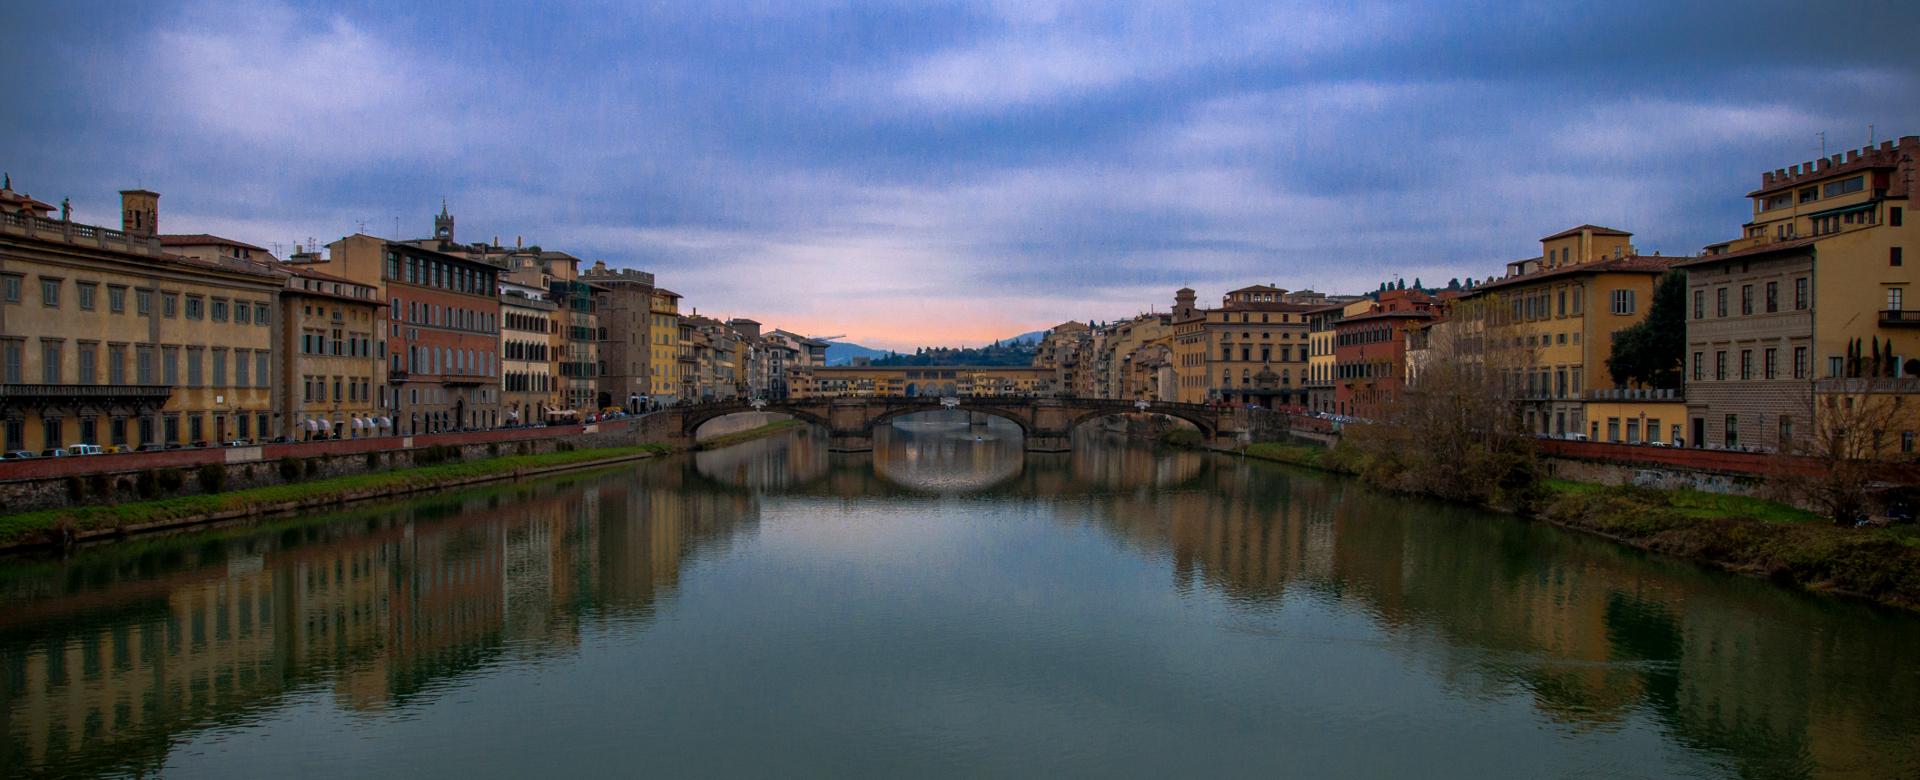 Cosa fare a Firenze a novembre 2019